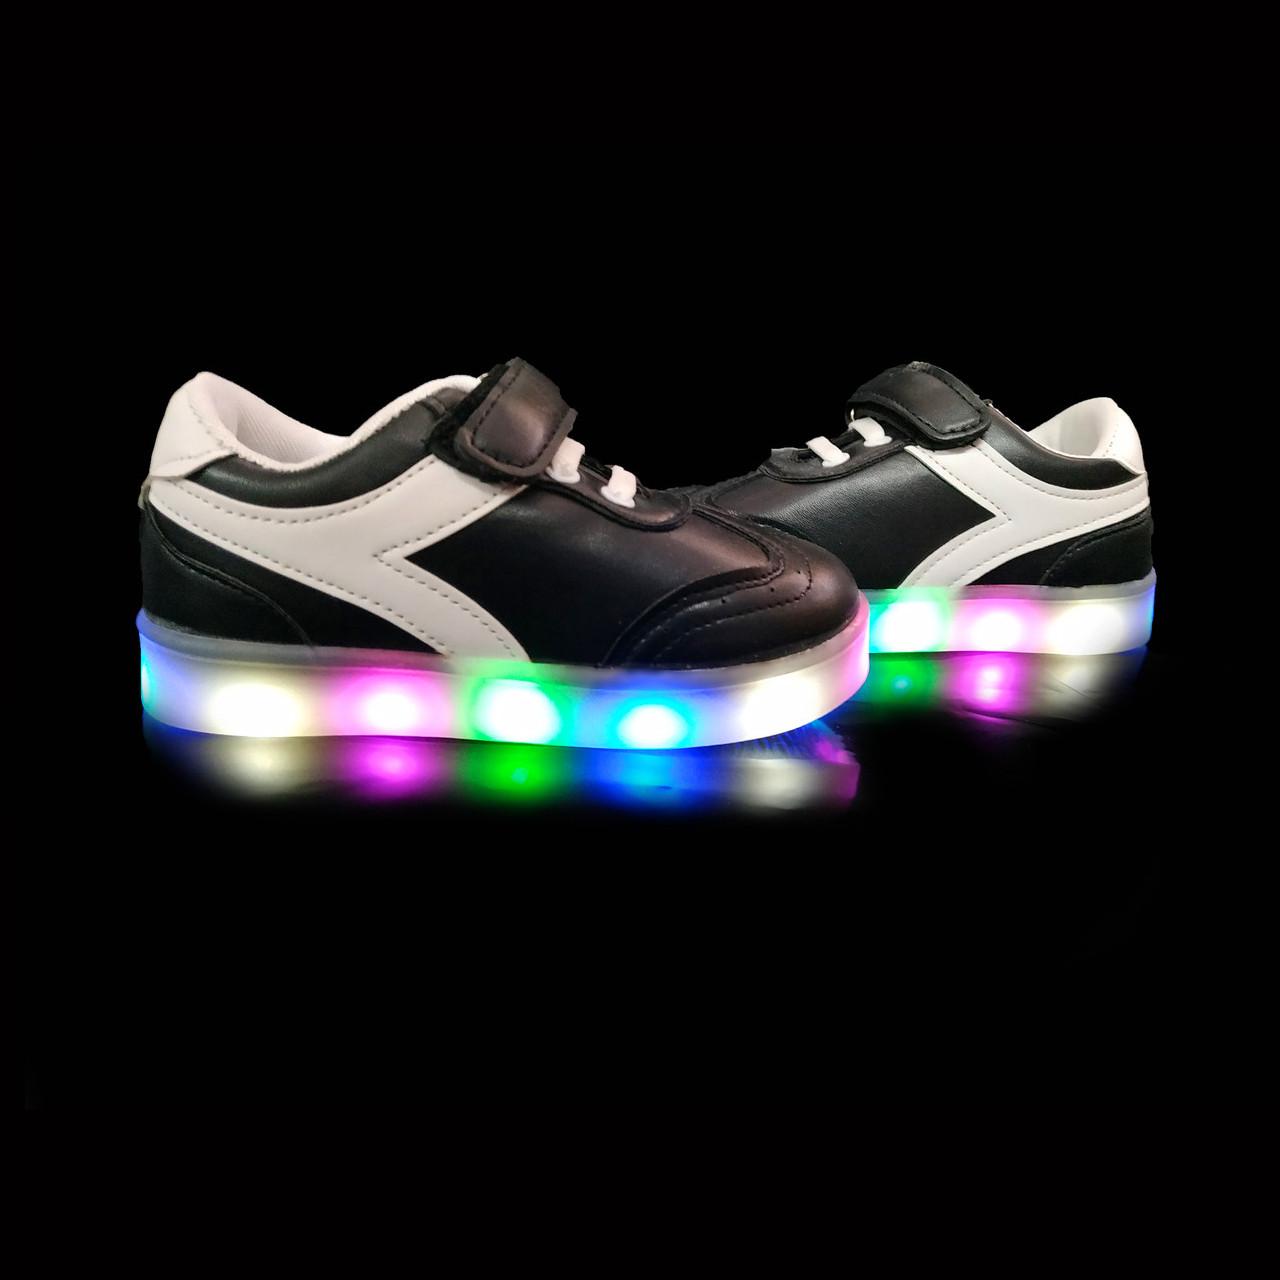 Кросівки з підсвічуванням дитячі Black W51 тільки 25 розмір